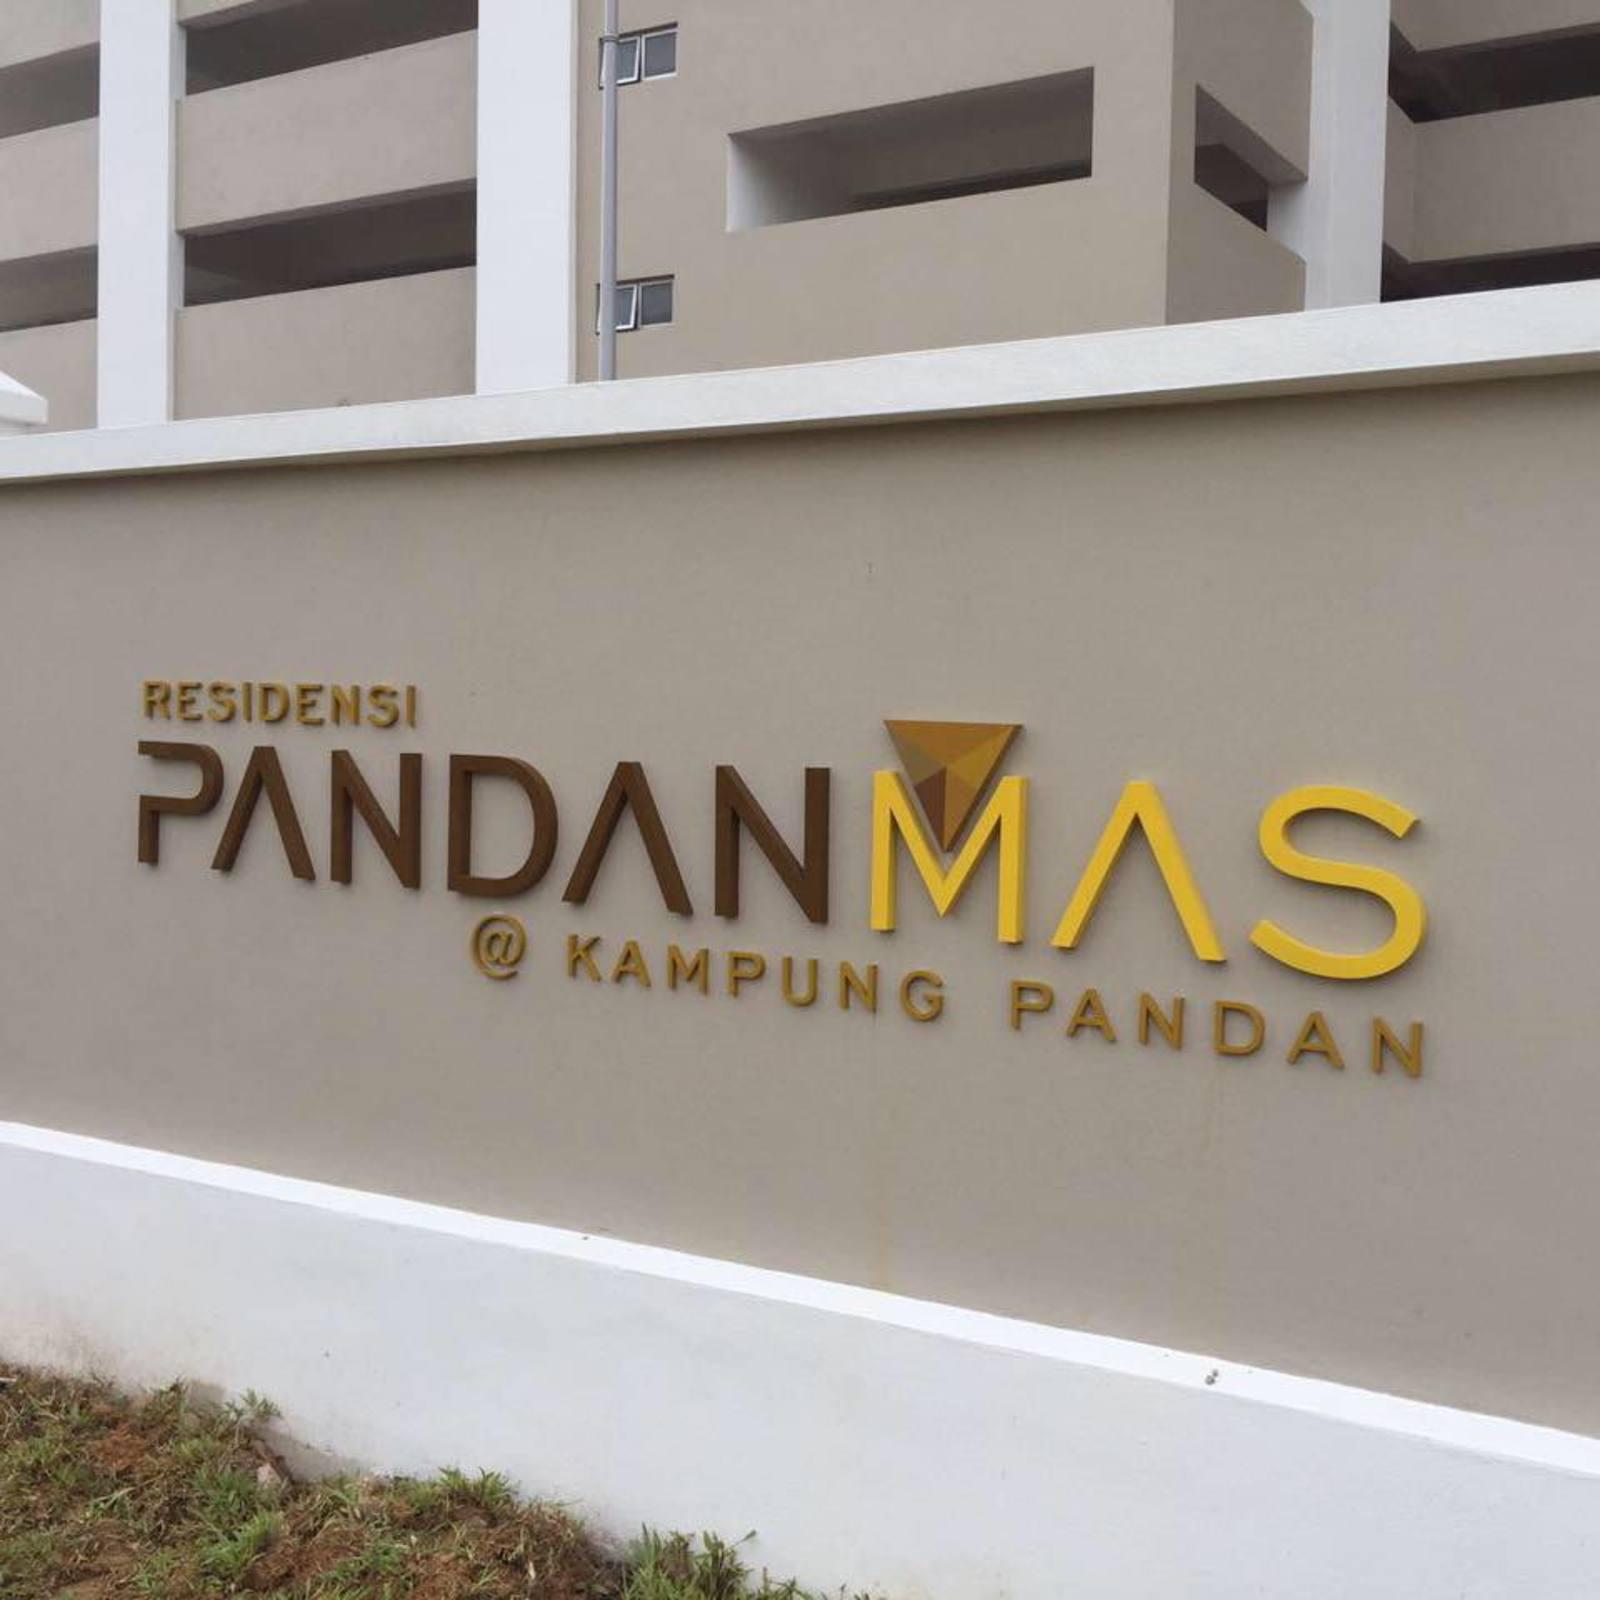 Kampung pandan apartment for sale residensi pandanmas 4